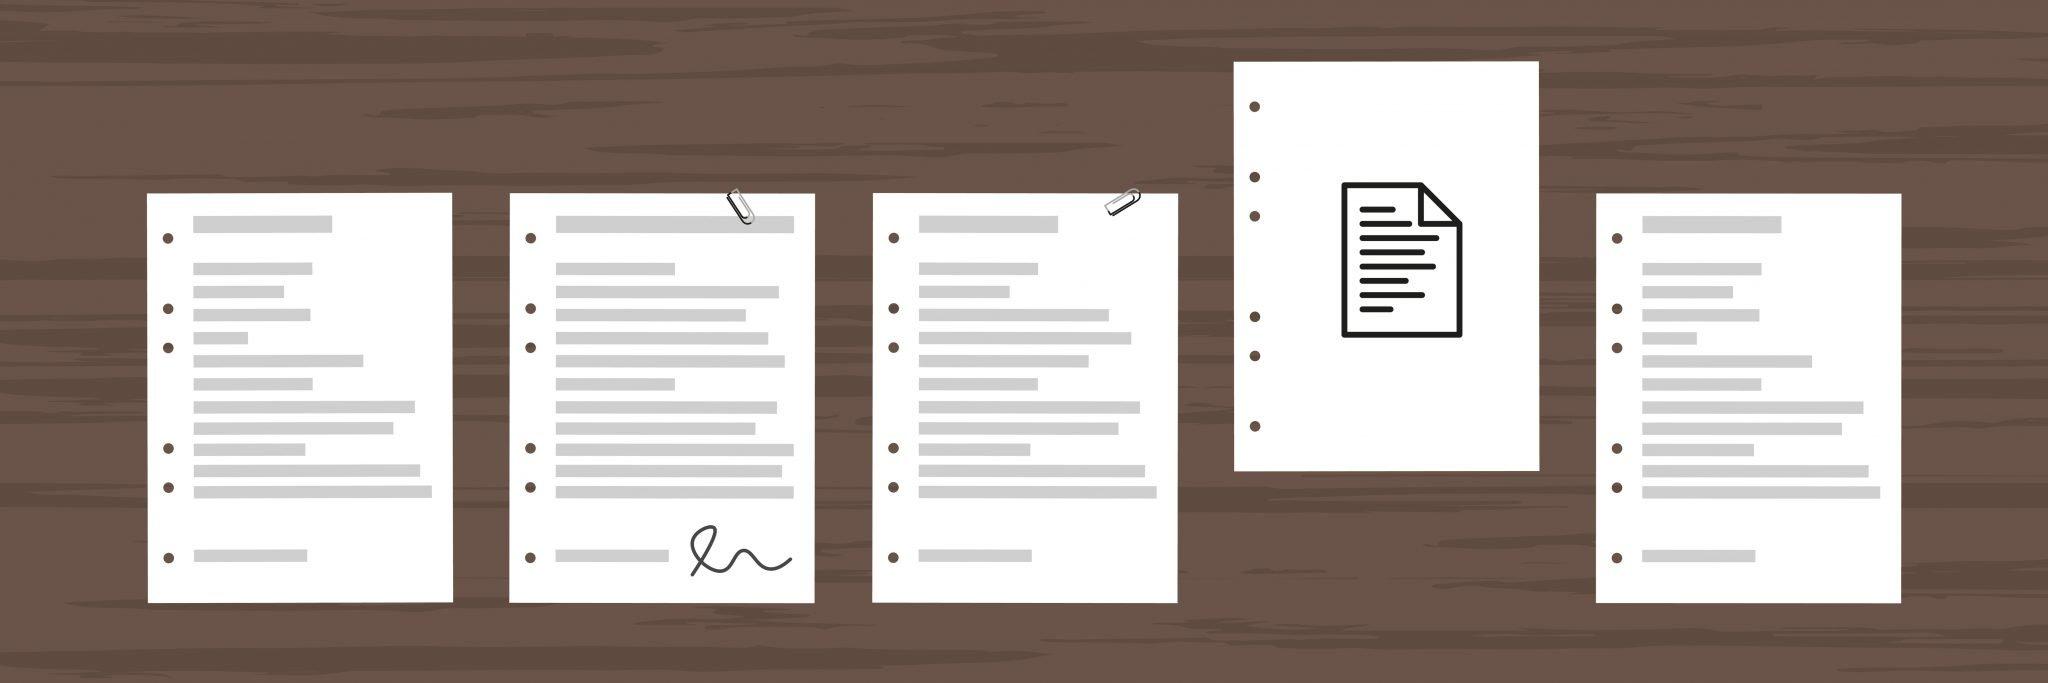 Symbolbild Flat Design: Bewerbungsunterlagen liegen auf einem Tisch Deckblatt Bewerbung